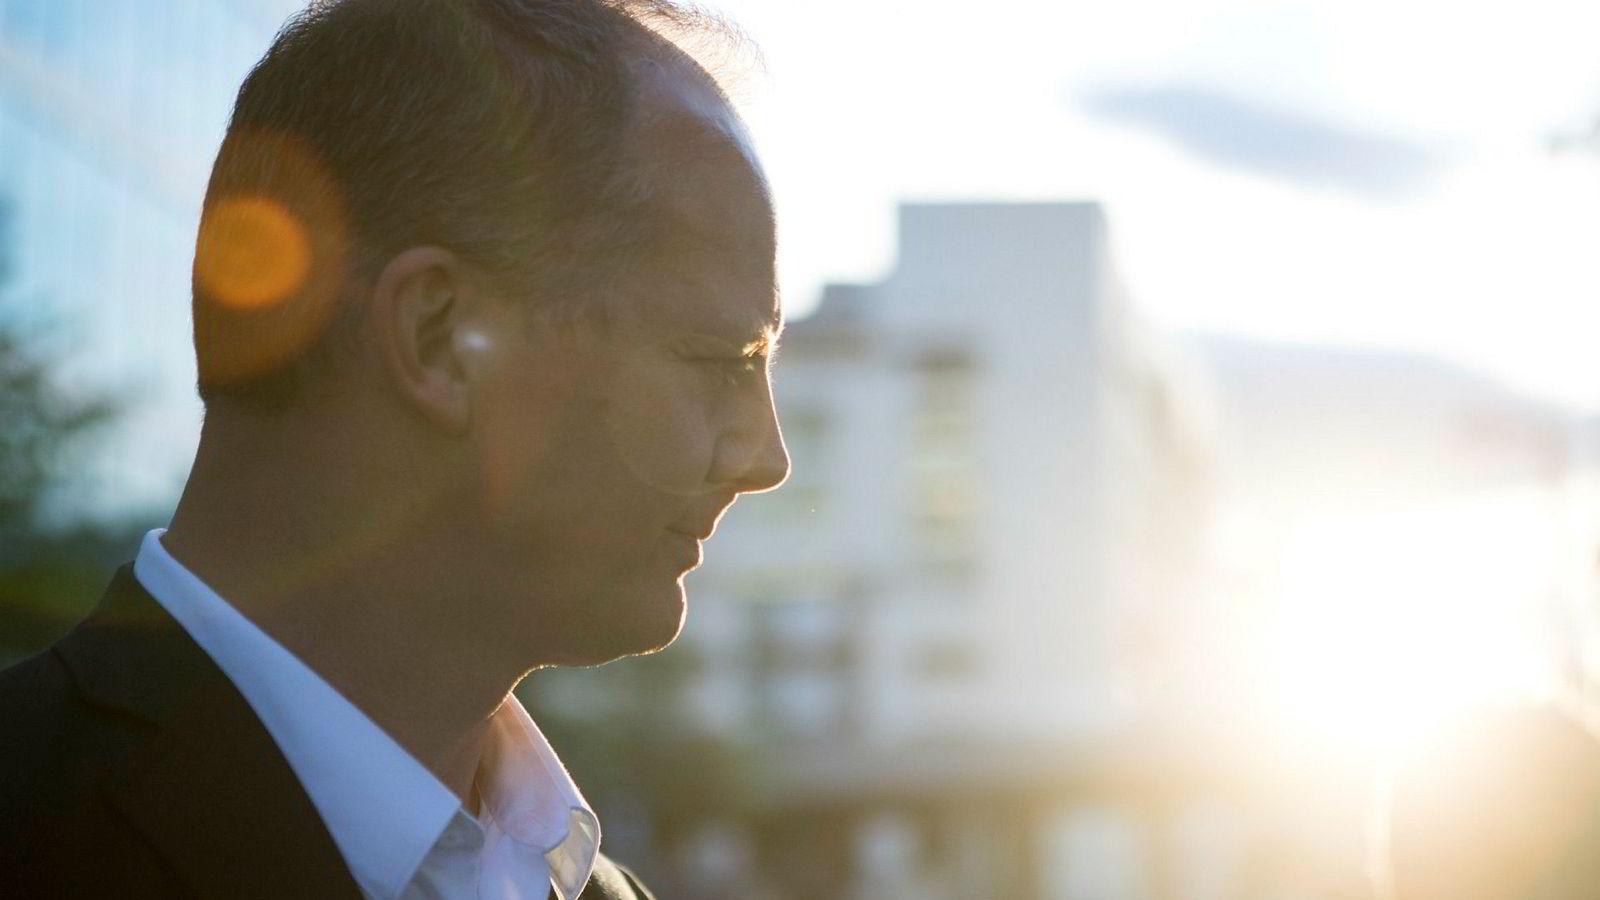 Frp-nestleder og samferdselsminister Ketil Solvik-Olsen har brukt flere år på å flytte Frps klimapolitikk bort fra ren kunnskapsfornektelse. Så kom Carl I. Hagen tilbake.